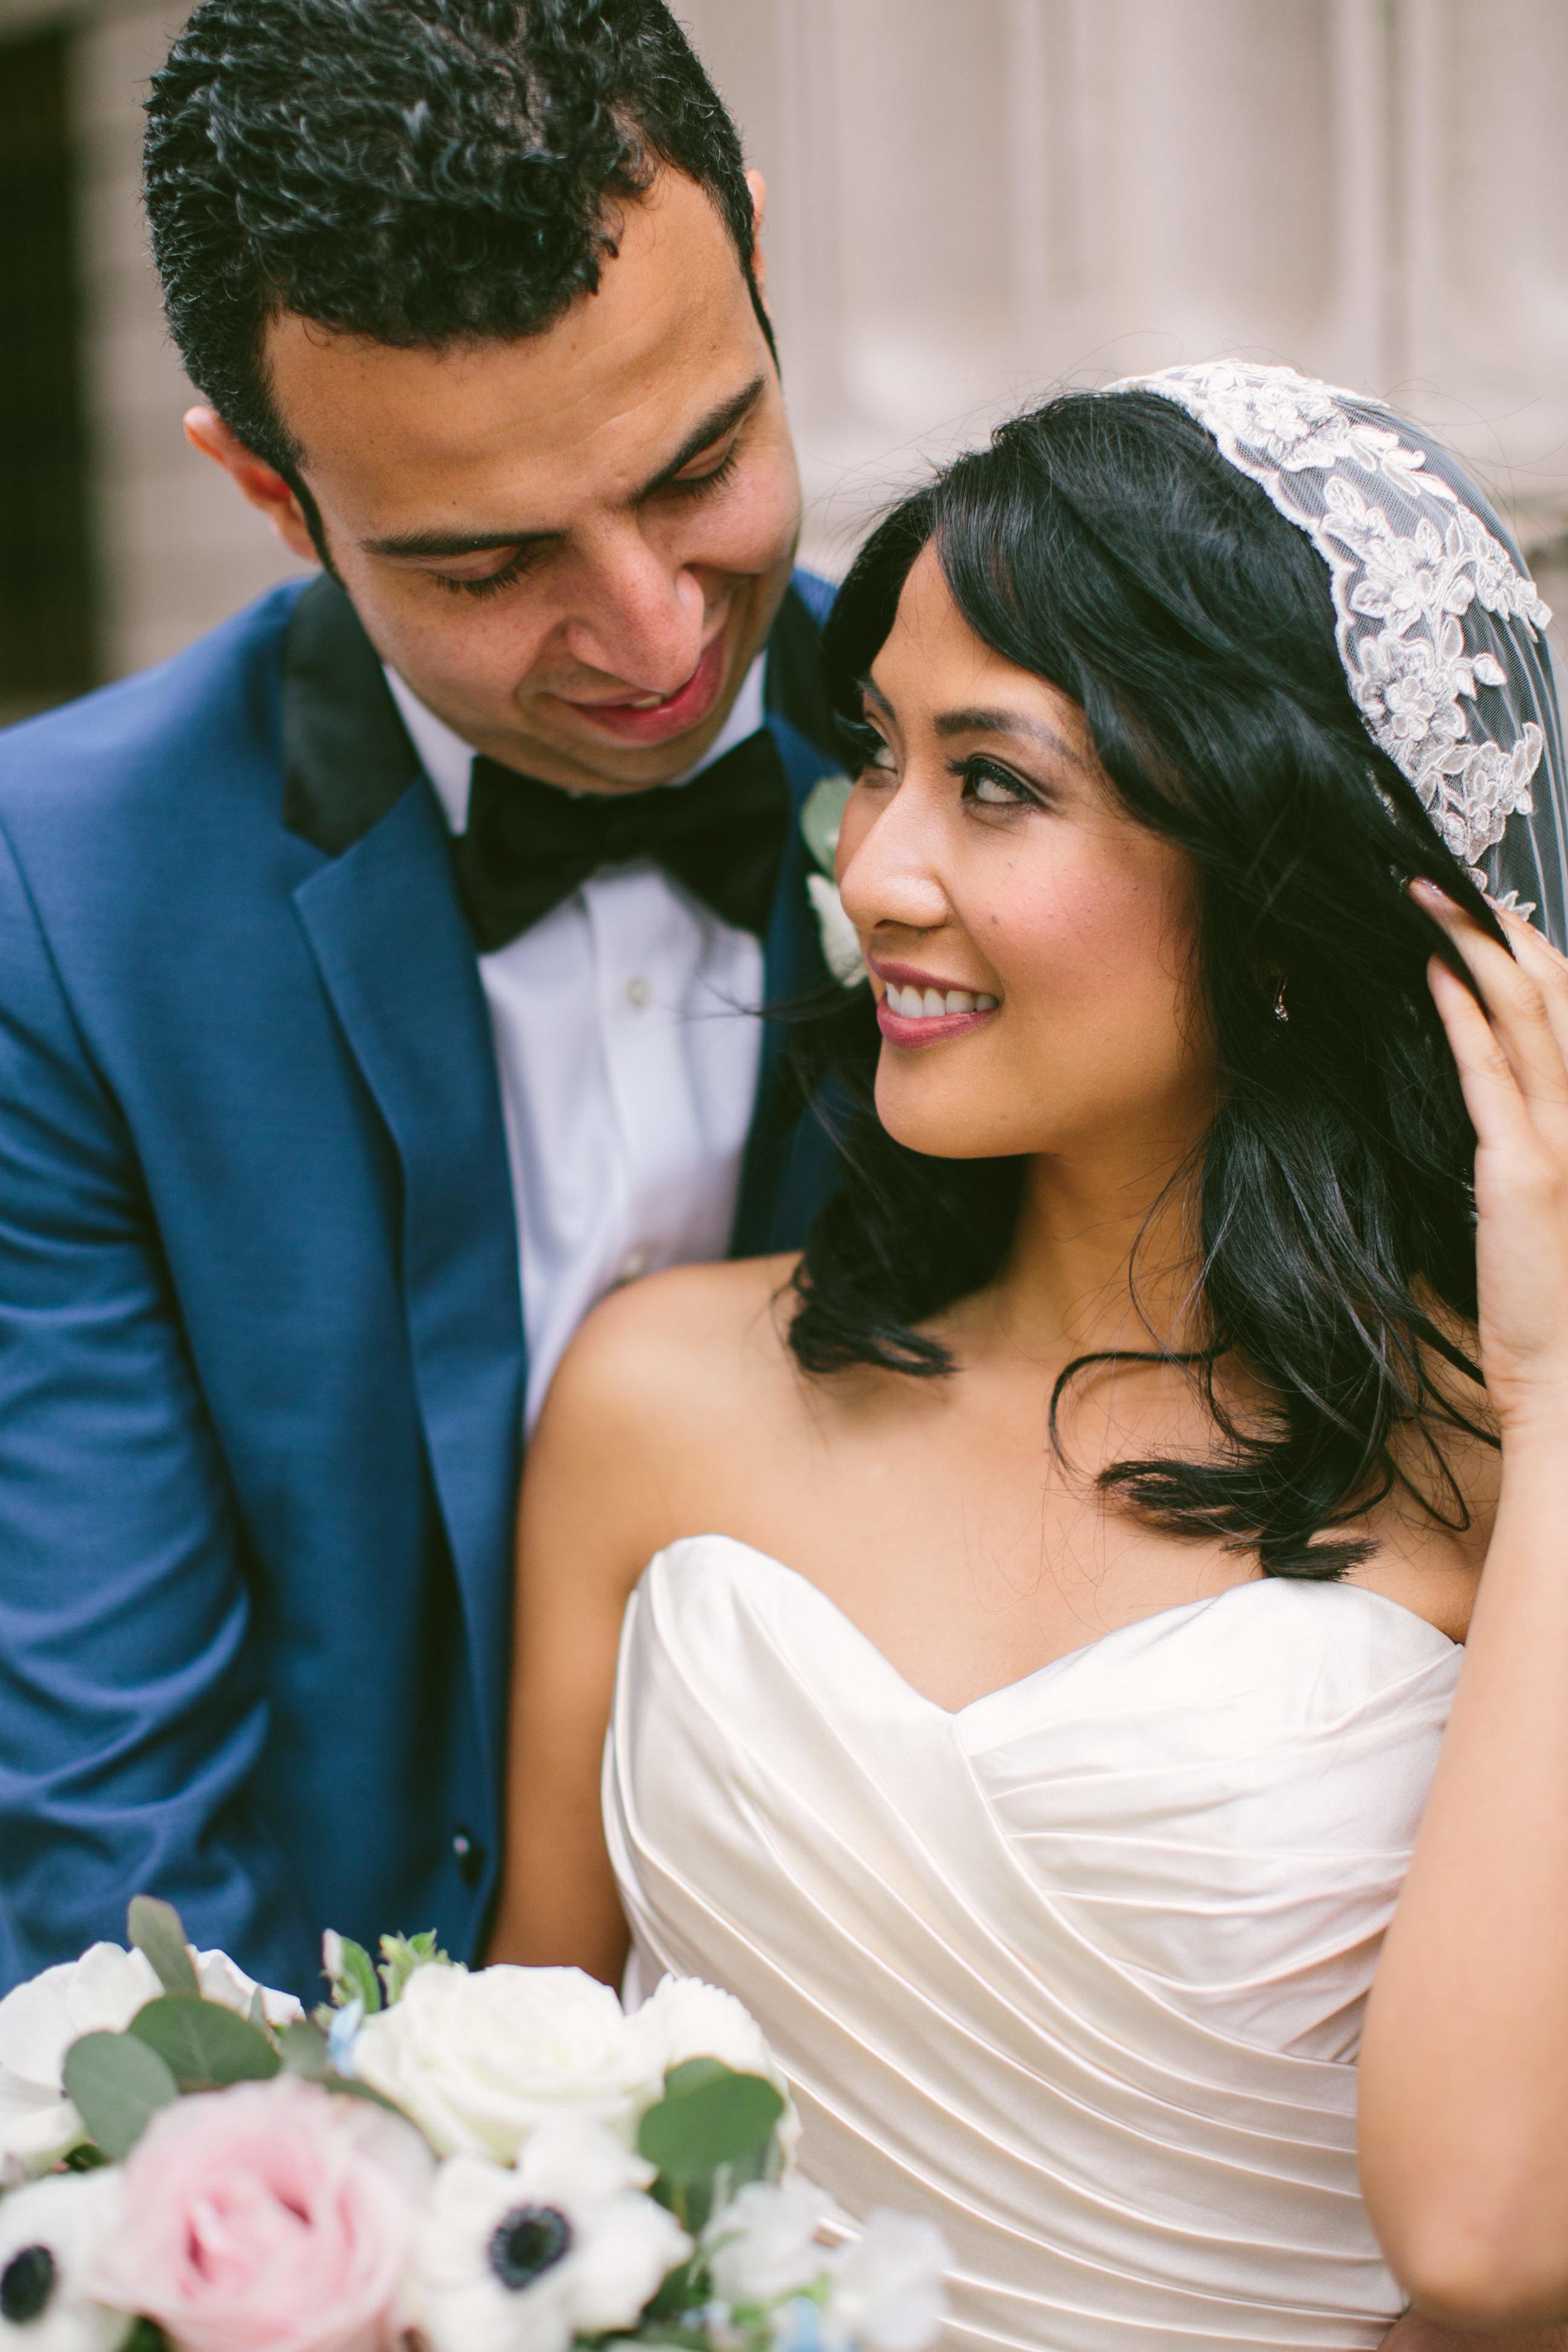 A Classic Portland Wedding - The Overwhelmed Bride Wedding Ideas Blog